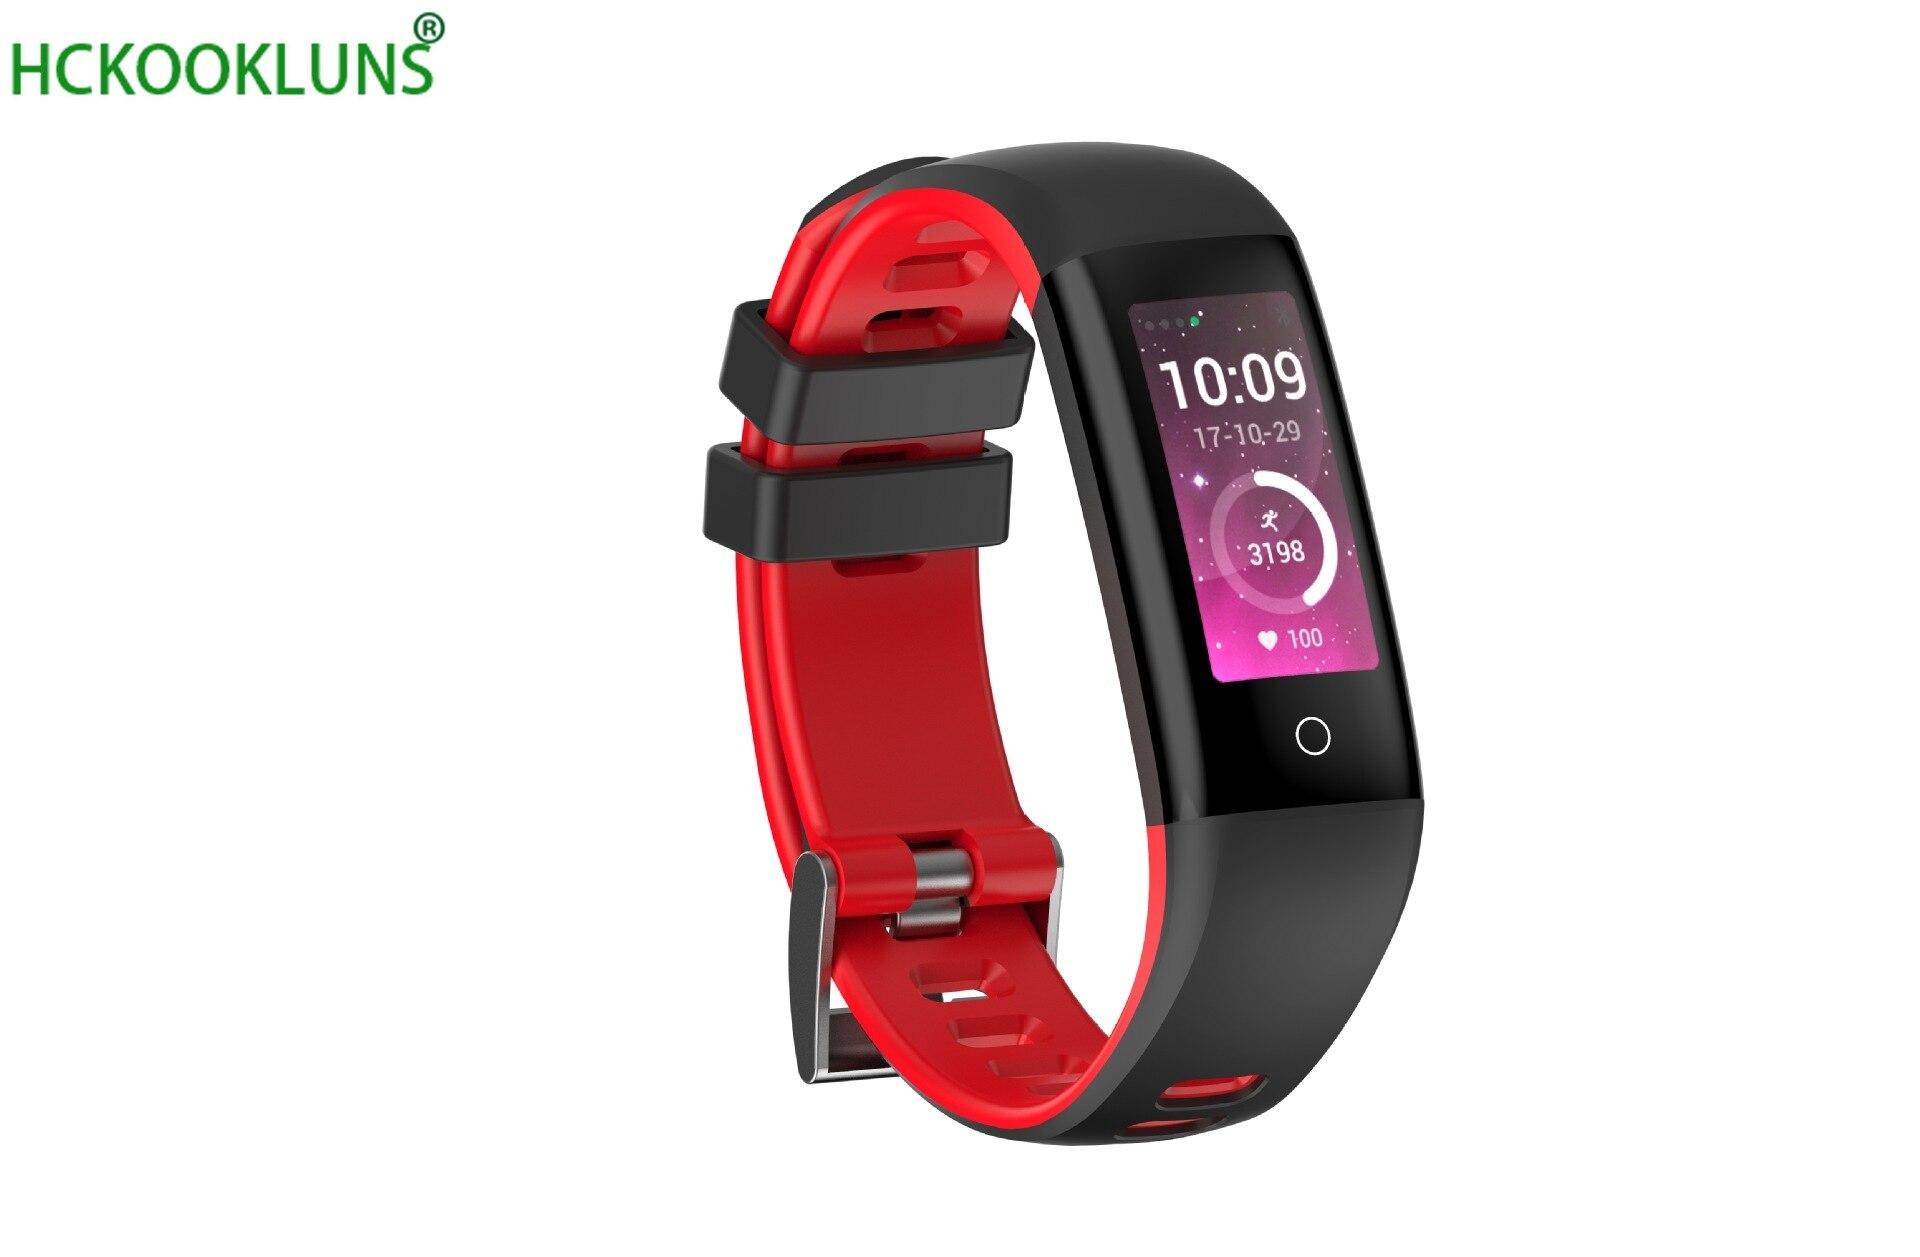 Bracelet intelligent moniteur de fréquence cardiaque Bracelet bracelet flex de fitness Smart montres-bracelets Pour Android iOS PK xio mi mi Bande 2 fitbits